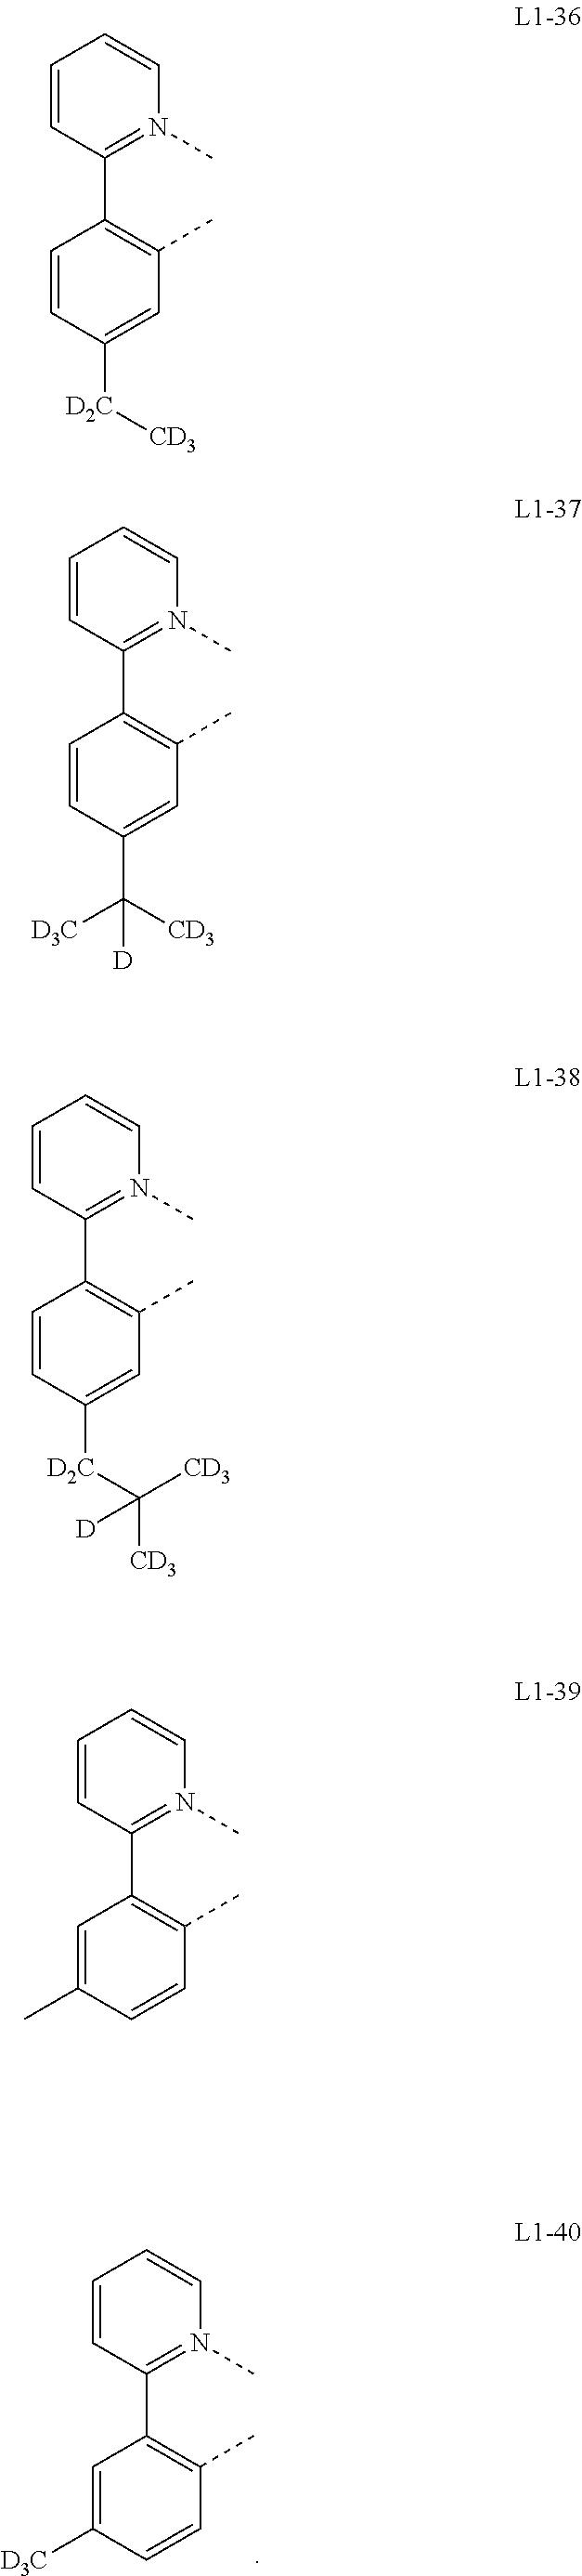 Figure US10074806-20180911-C00049